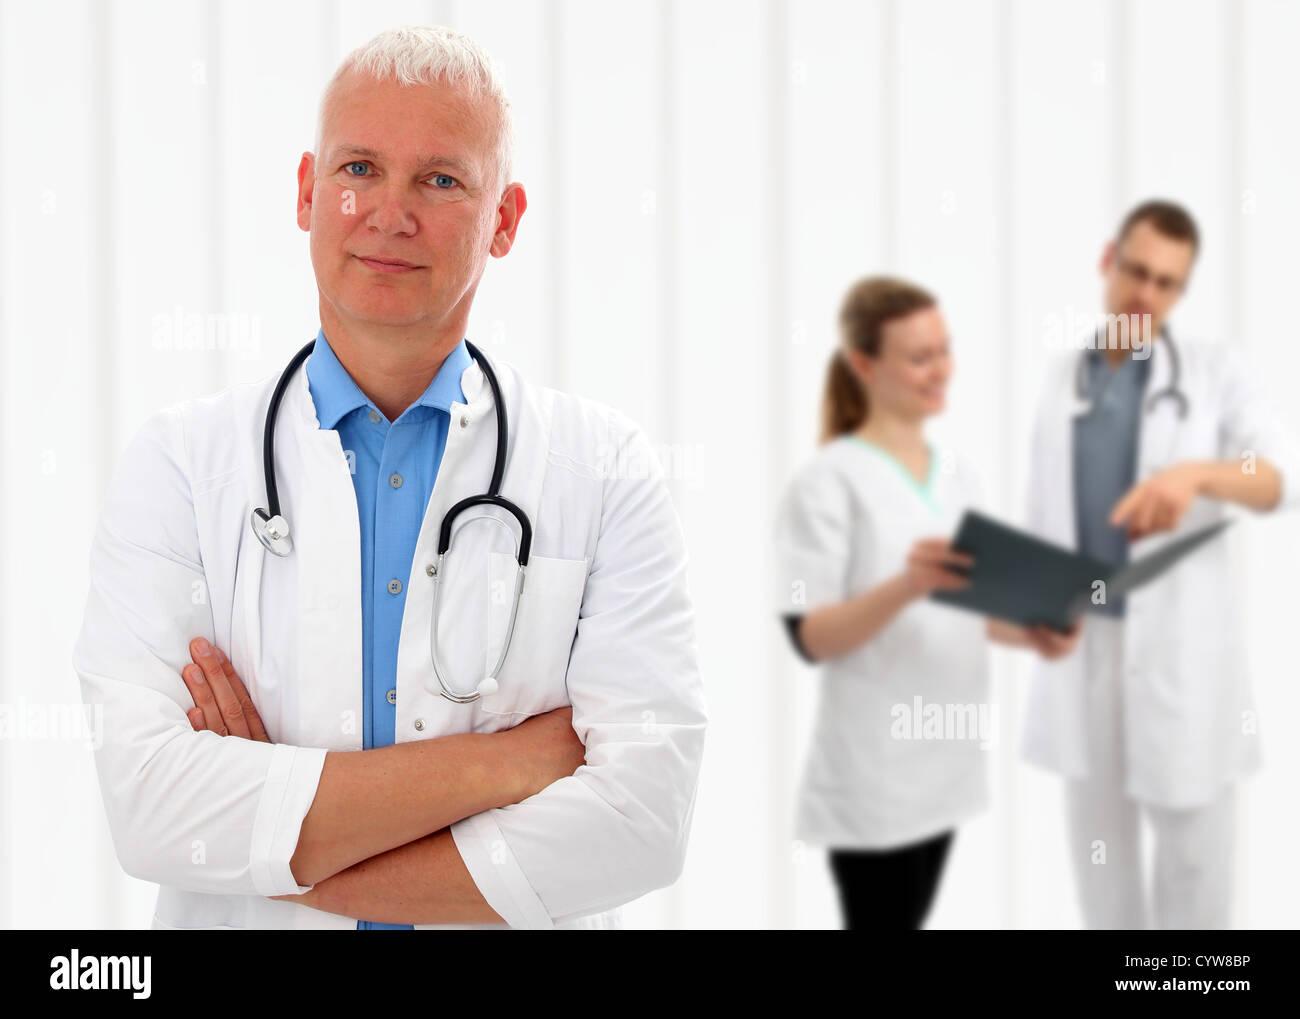 Médecin senior avec les bras croisés et un stéthoscope autour du cou, debout devant ses collègues Photo Stock